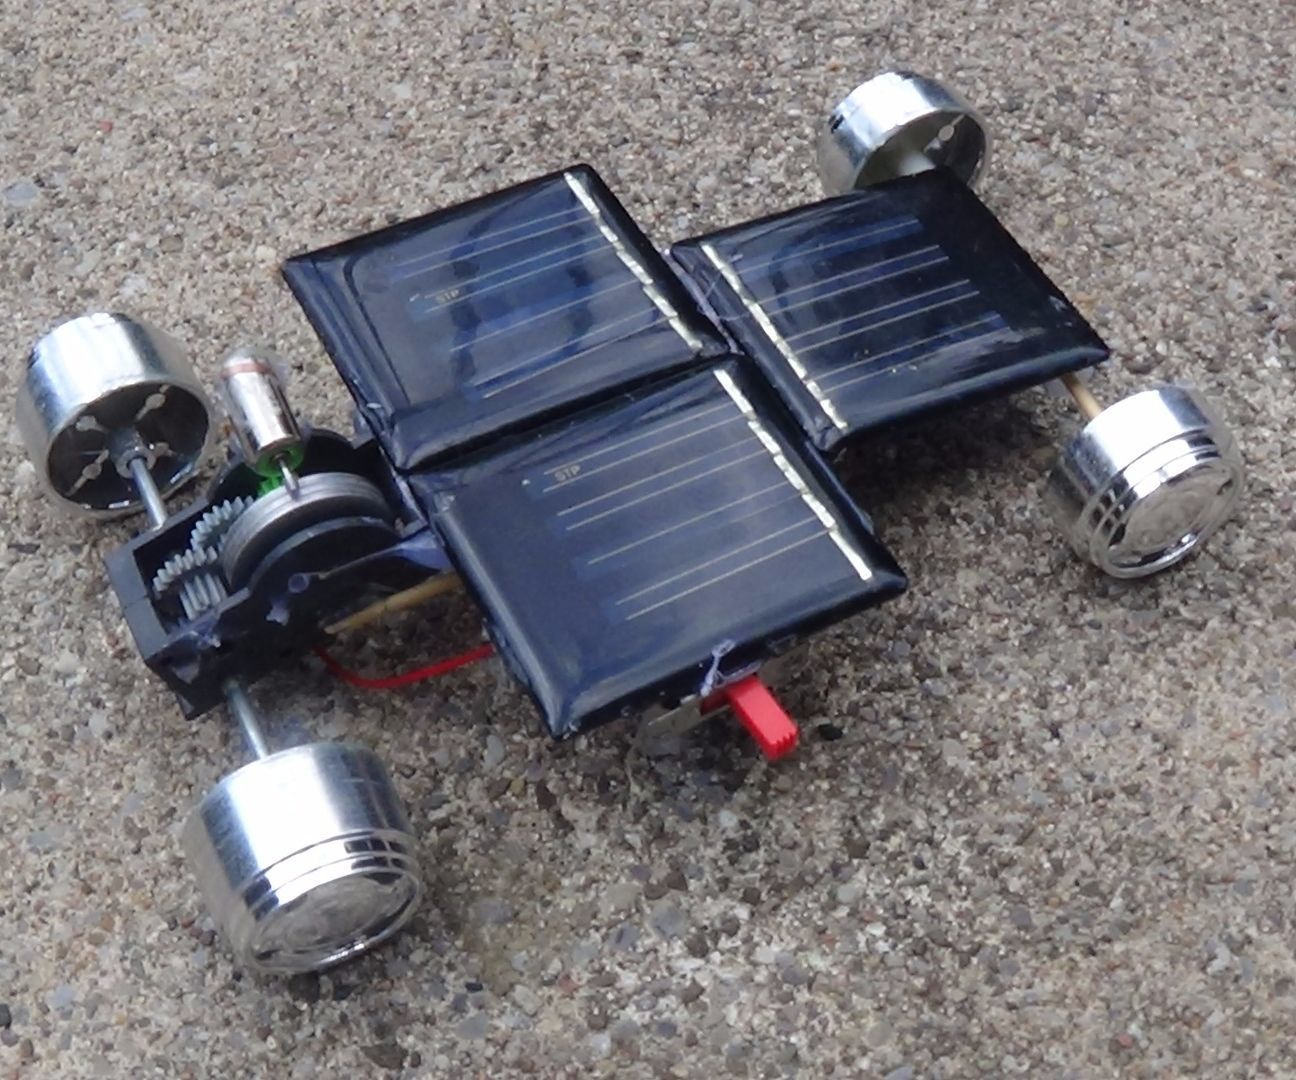 How to Make a Solar Car Solar powered toys, Solar power